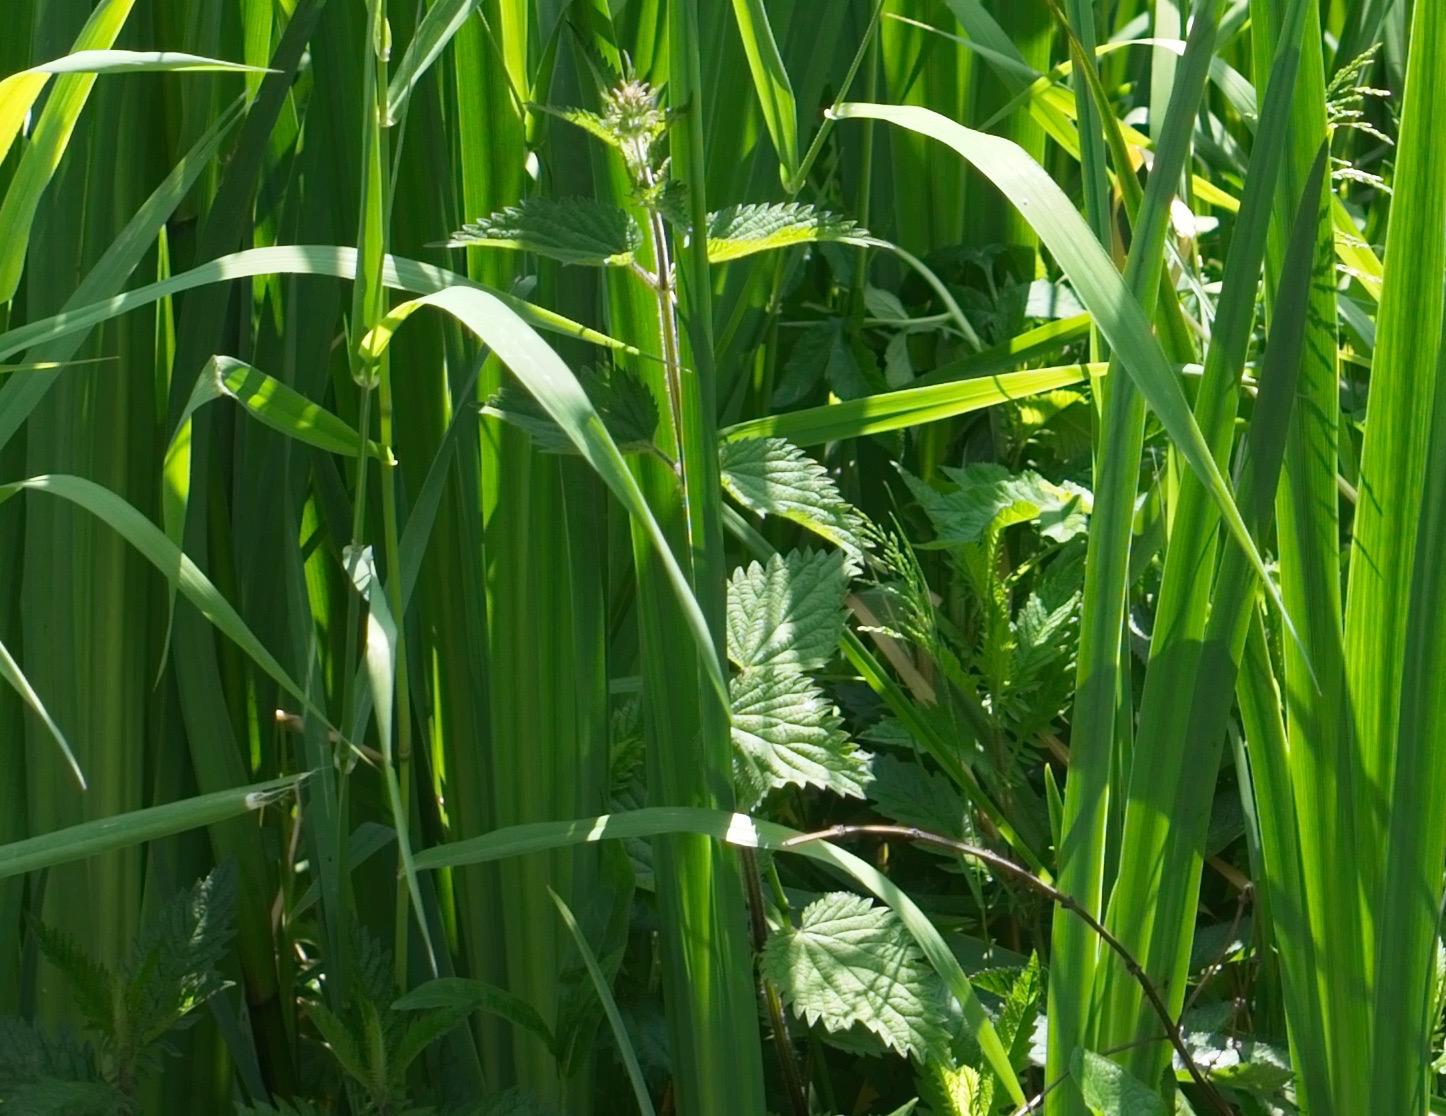 Grass-Crop